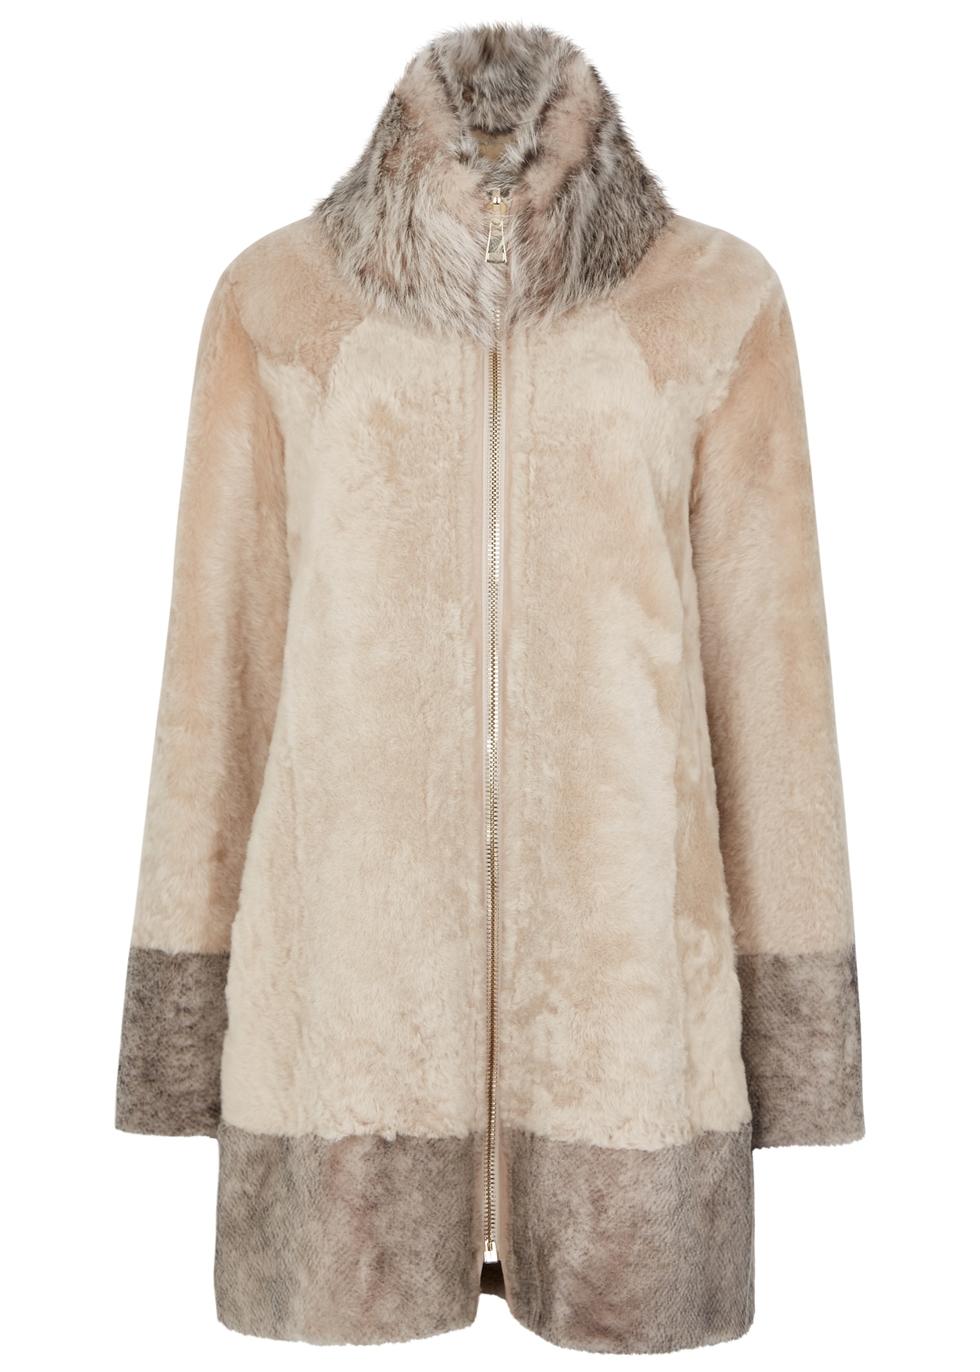 DOM GOOR Almond Reversible Leather Coat in Beige